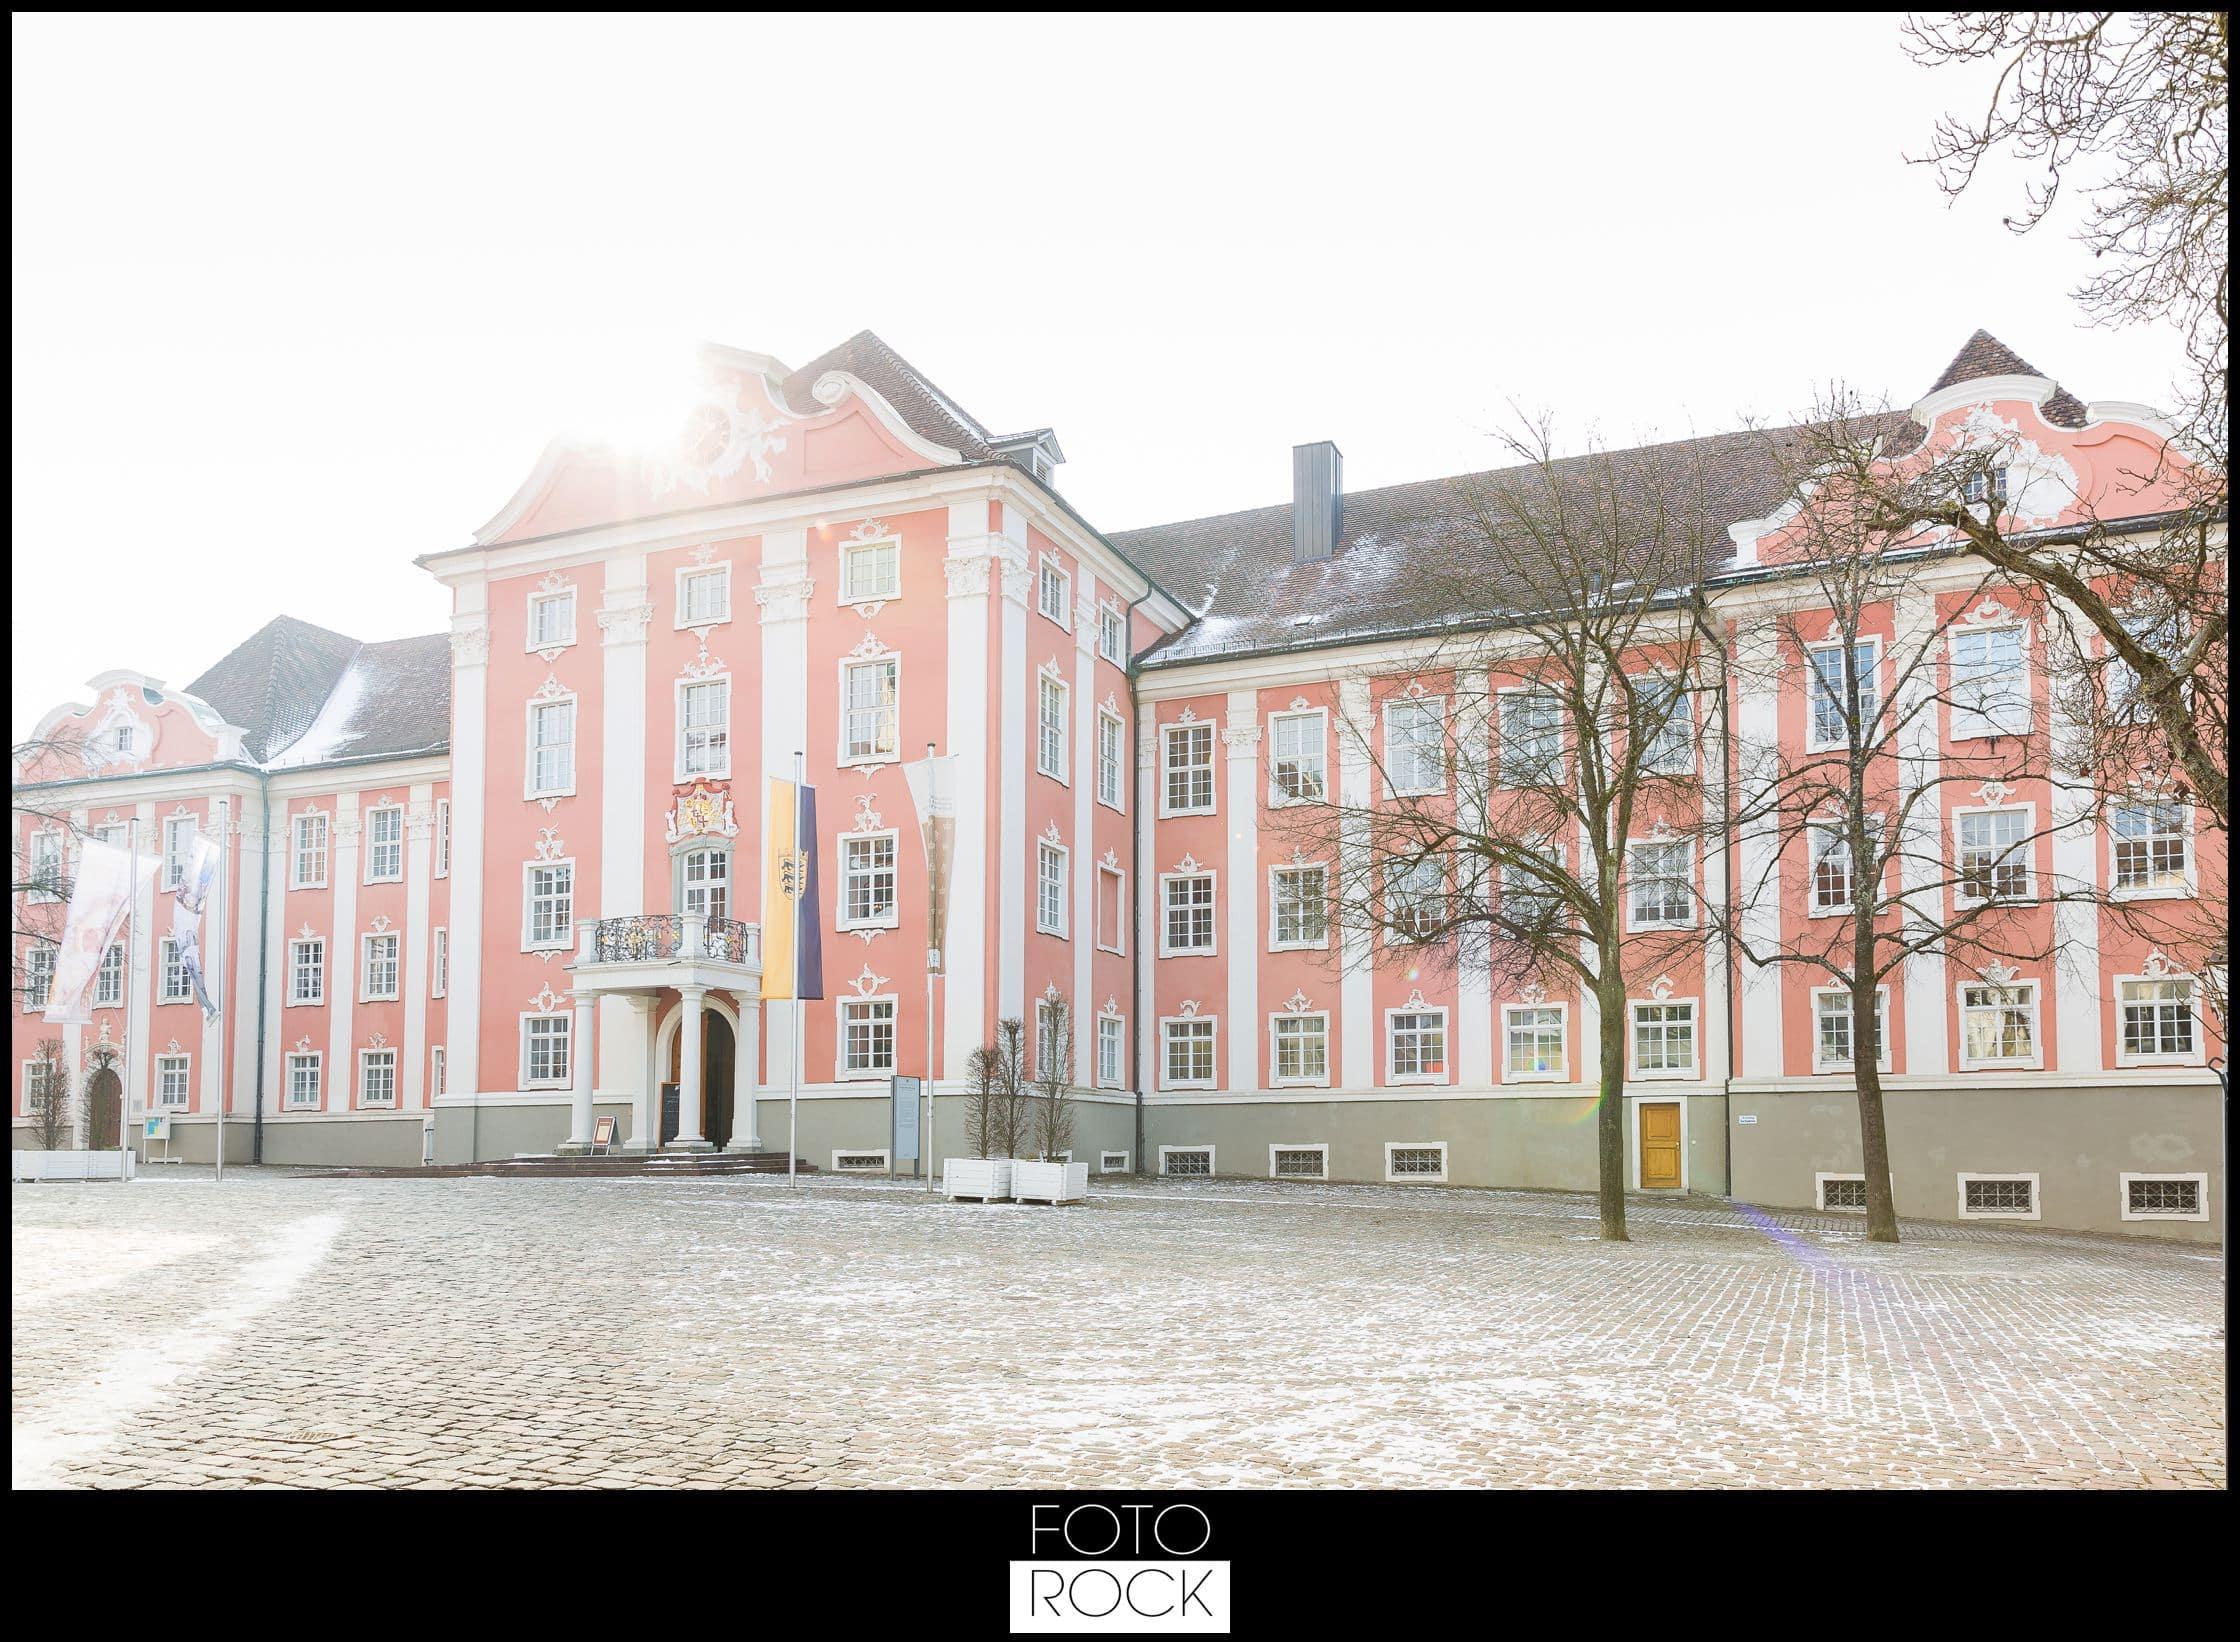 Hochzeit Schloss Meersburg Bodensee location sonnenschein